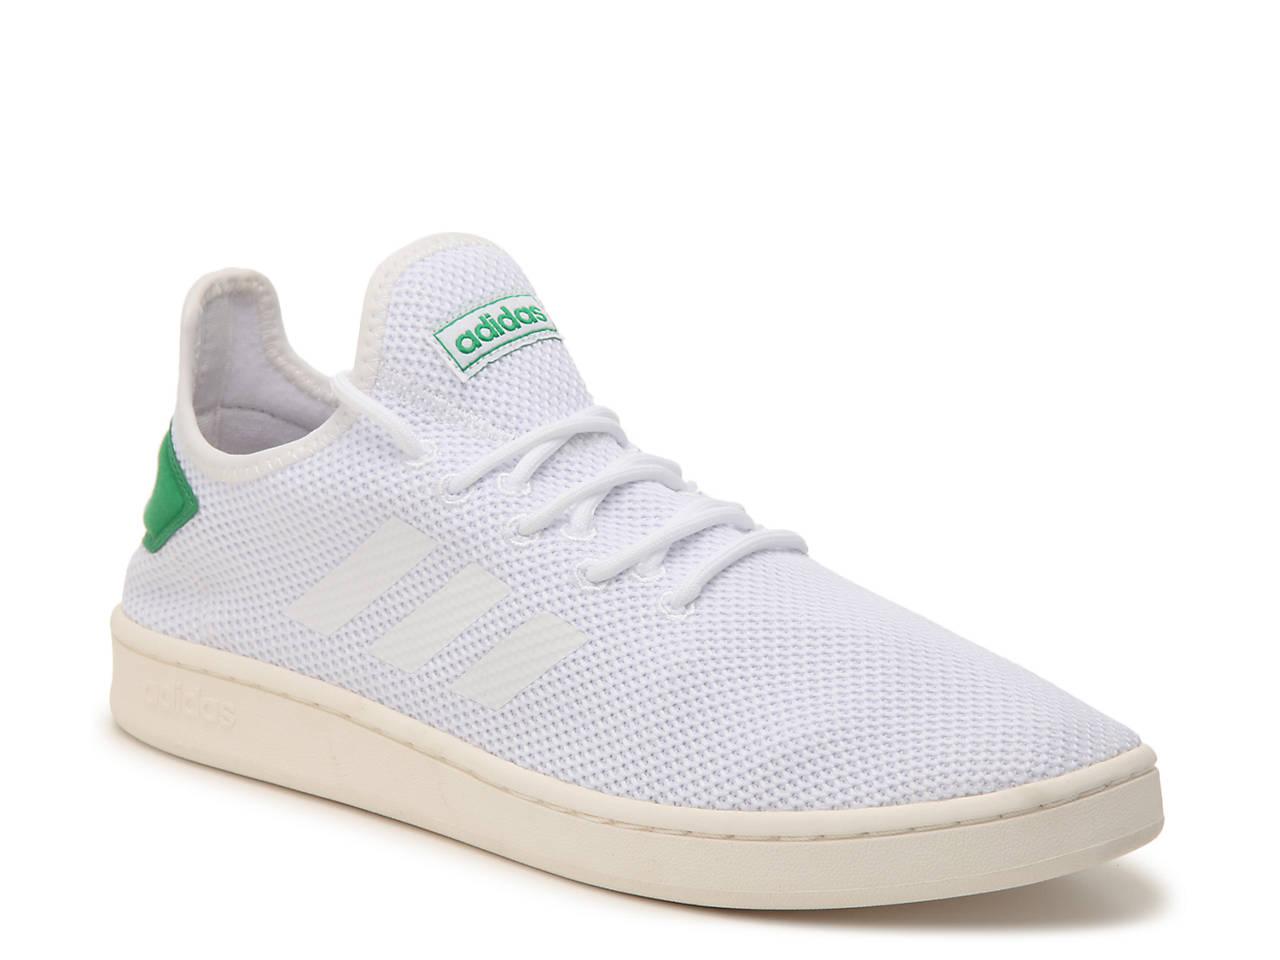 66856246ef67 adidas Court Adapt Sneaker - Men s Men s Shoes